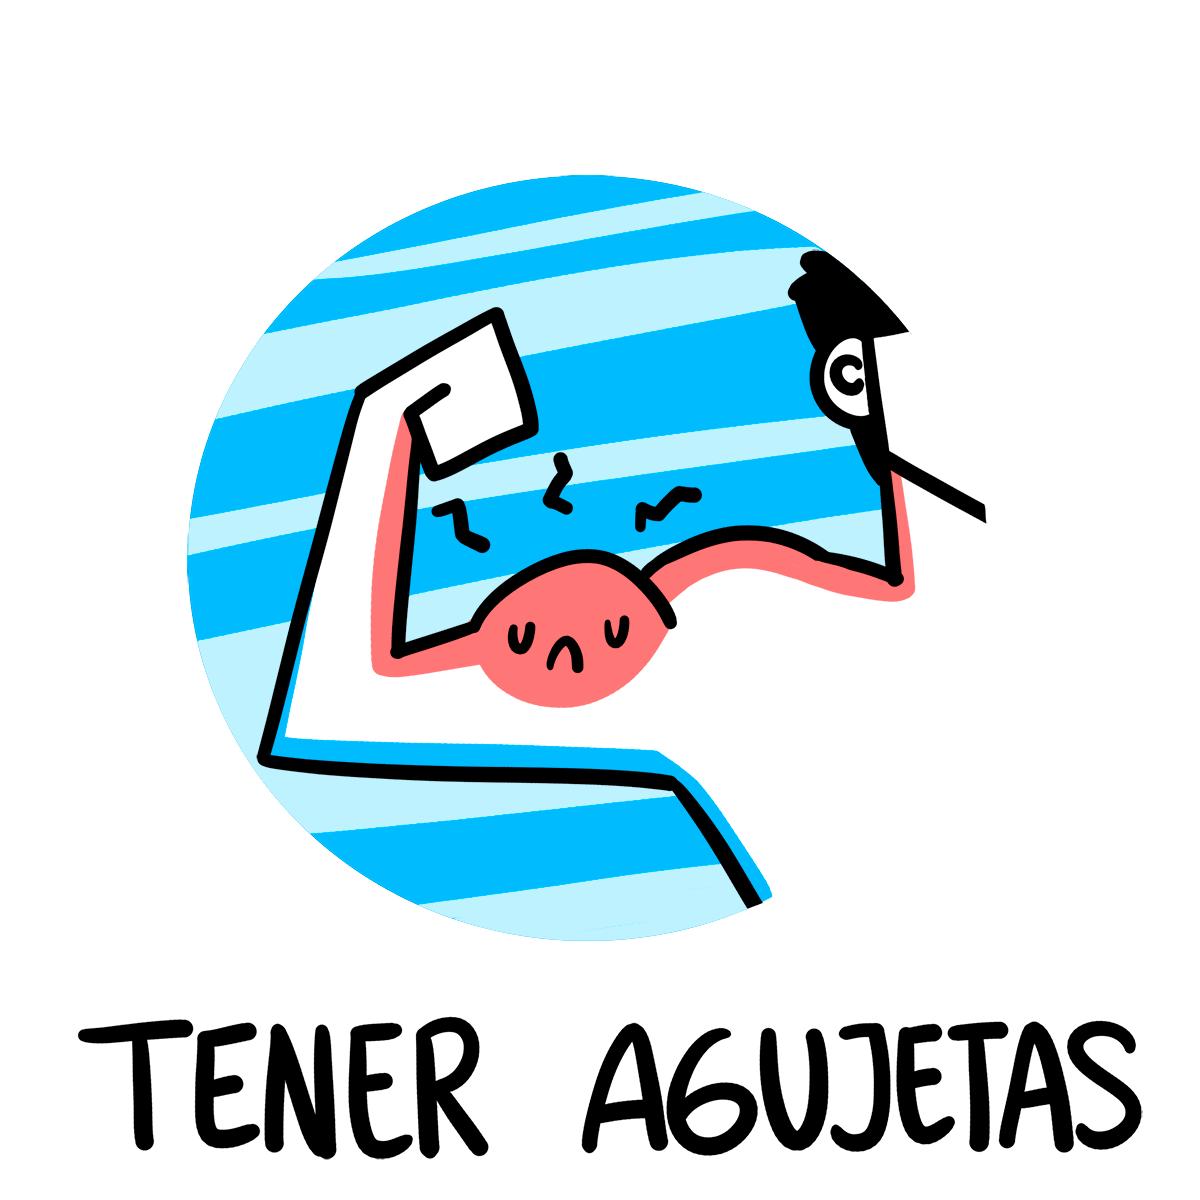 palavras engraçadas em espanhol agujetas